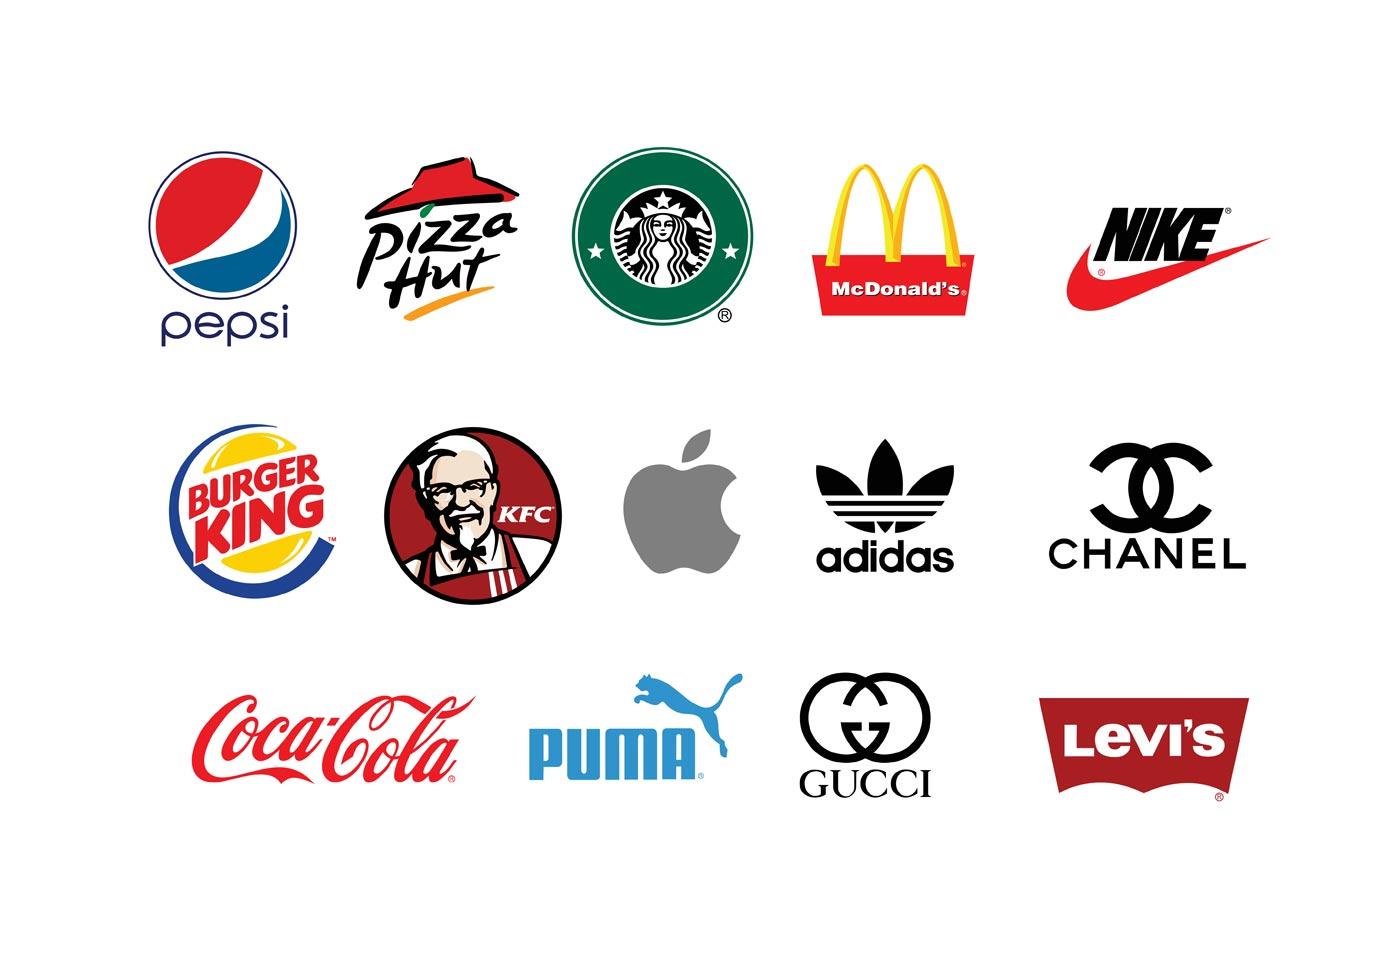 картинки с разными брендами оставили актрисе выбора